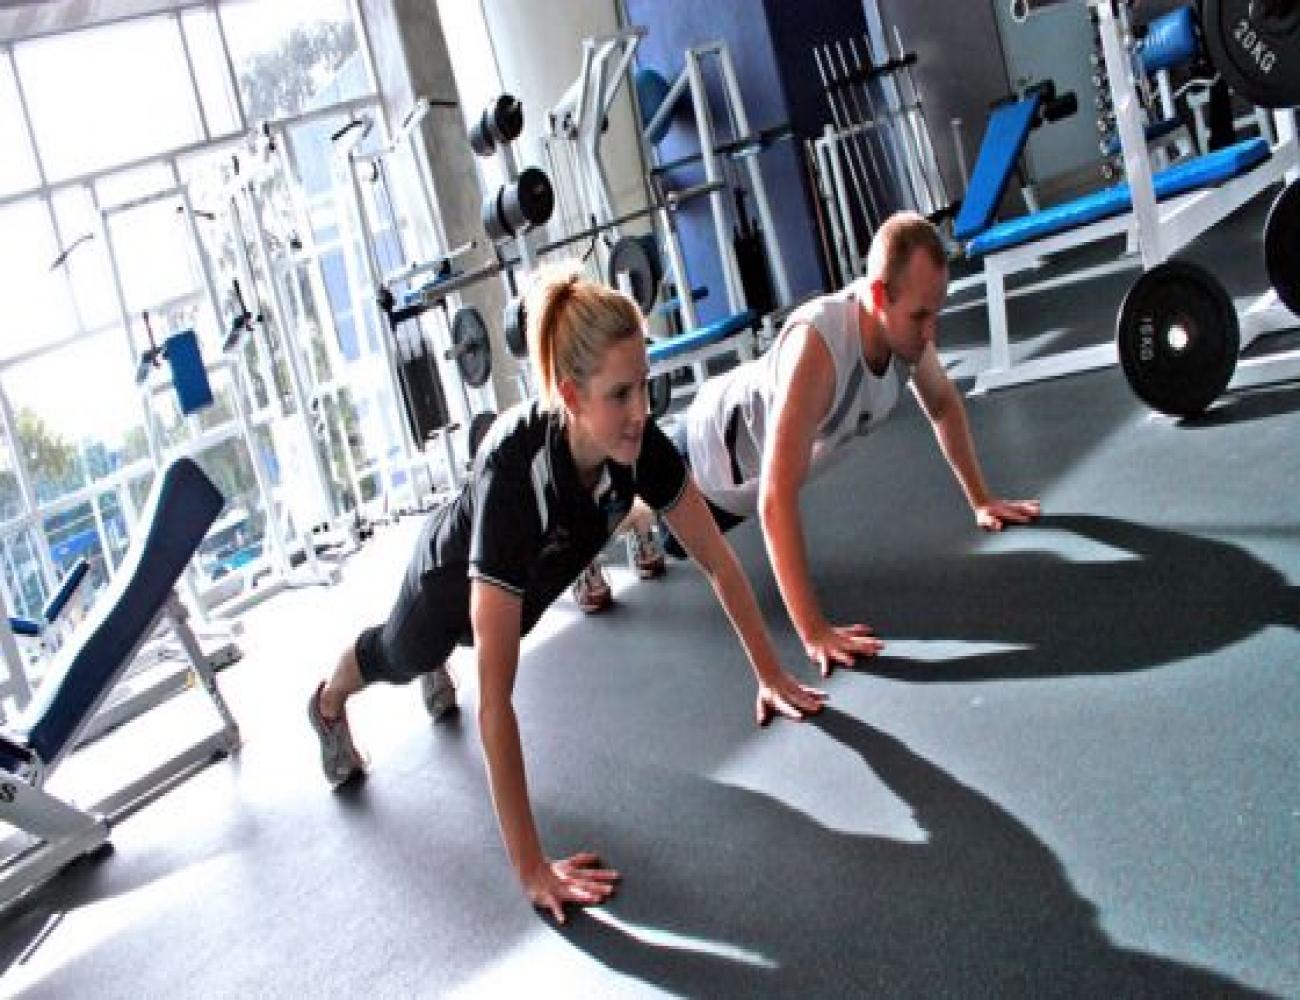 İhtiyacınız olan fiziksel aktivitenin gerektirdiği, fizyolojik,  biomekanik ve psikolojik verim olarak tanımlanan antrenman ile sizin k gerek branş gerek